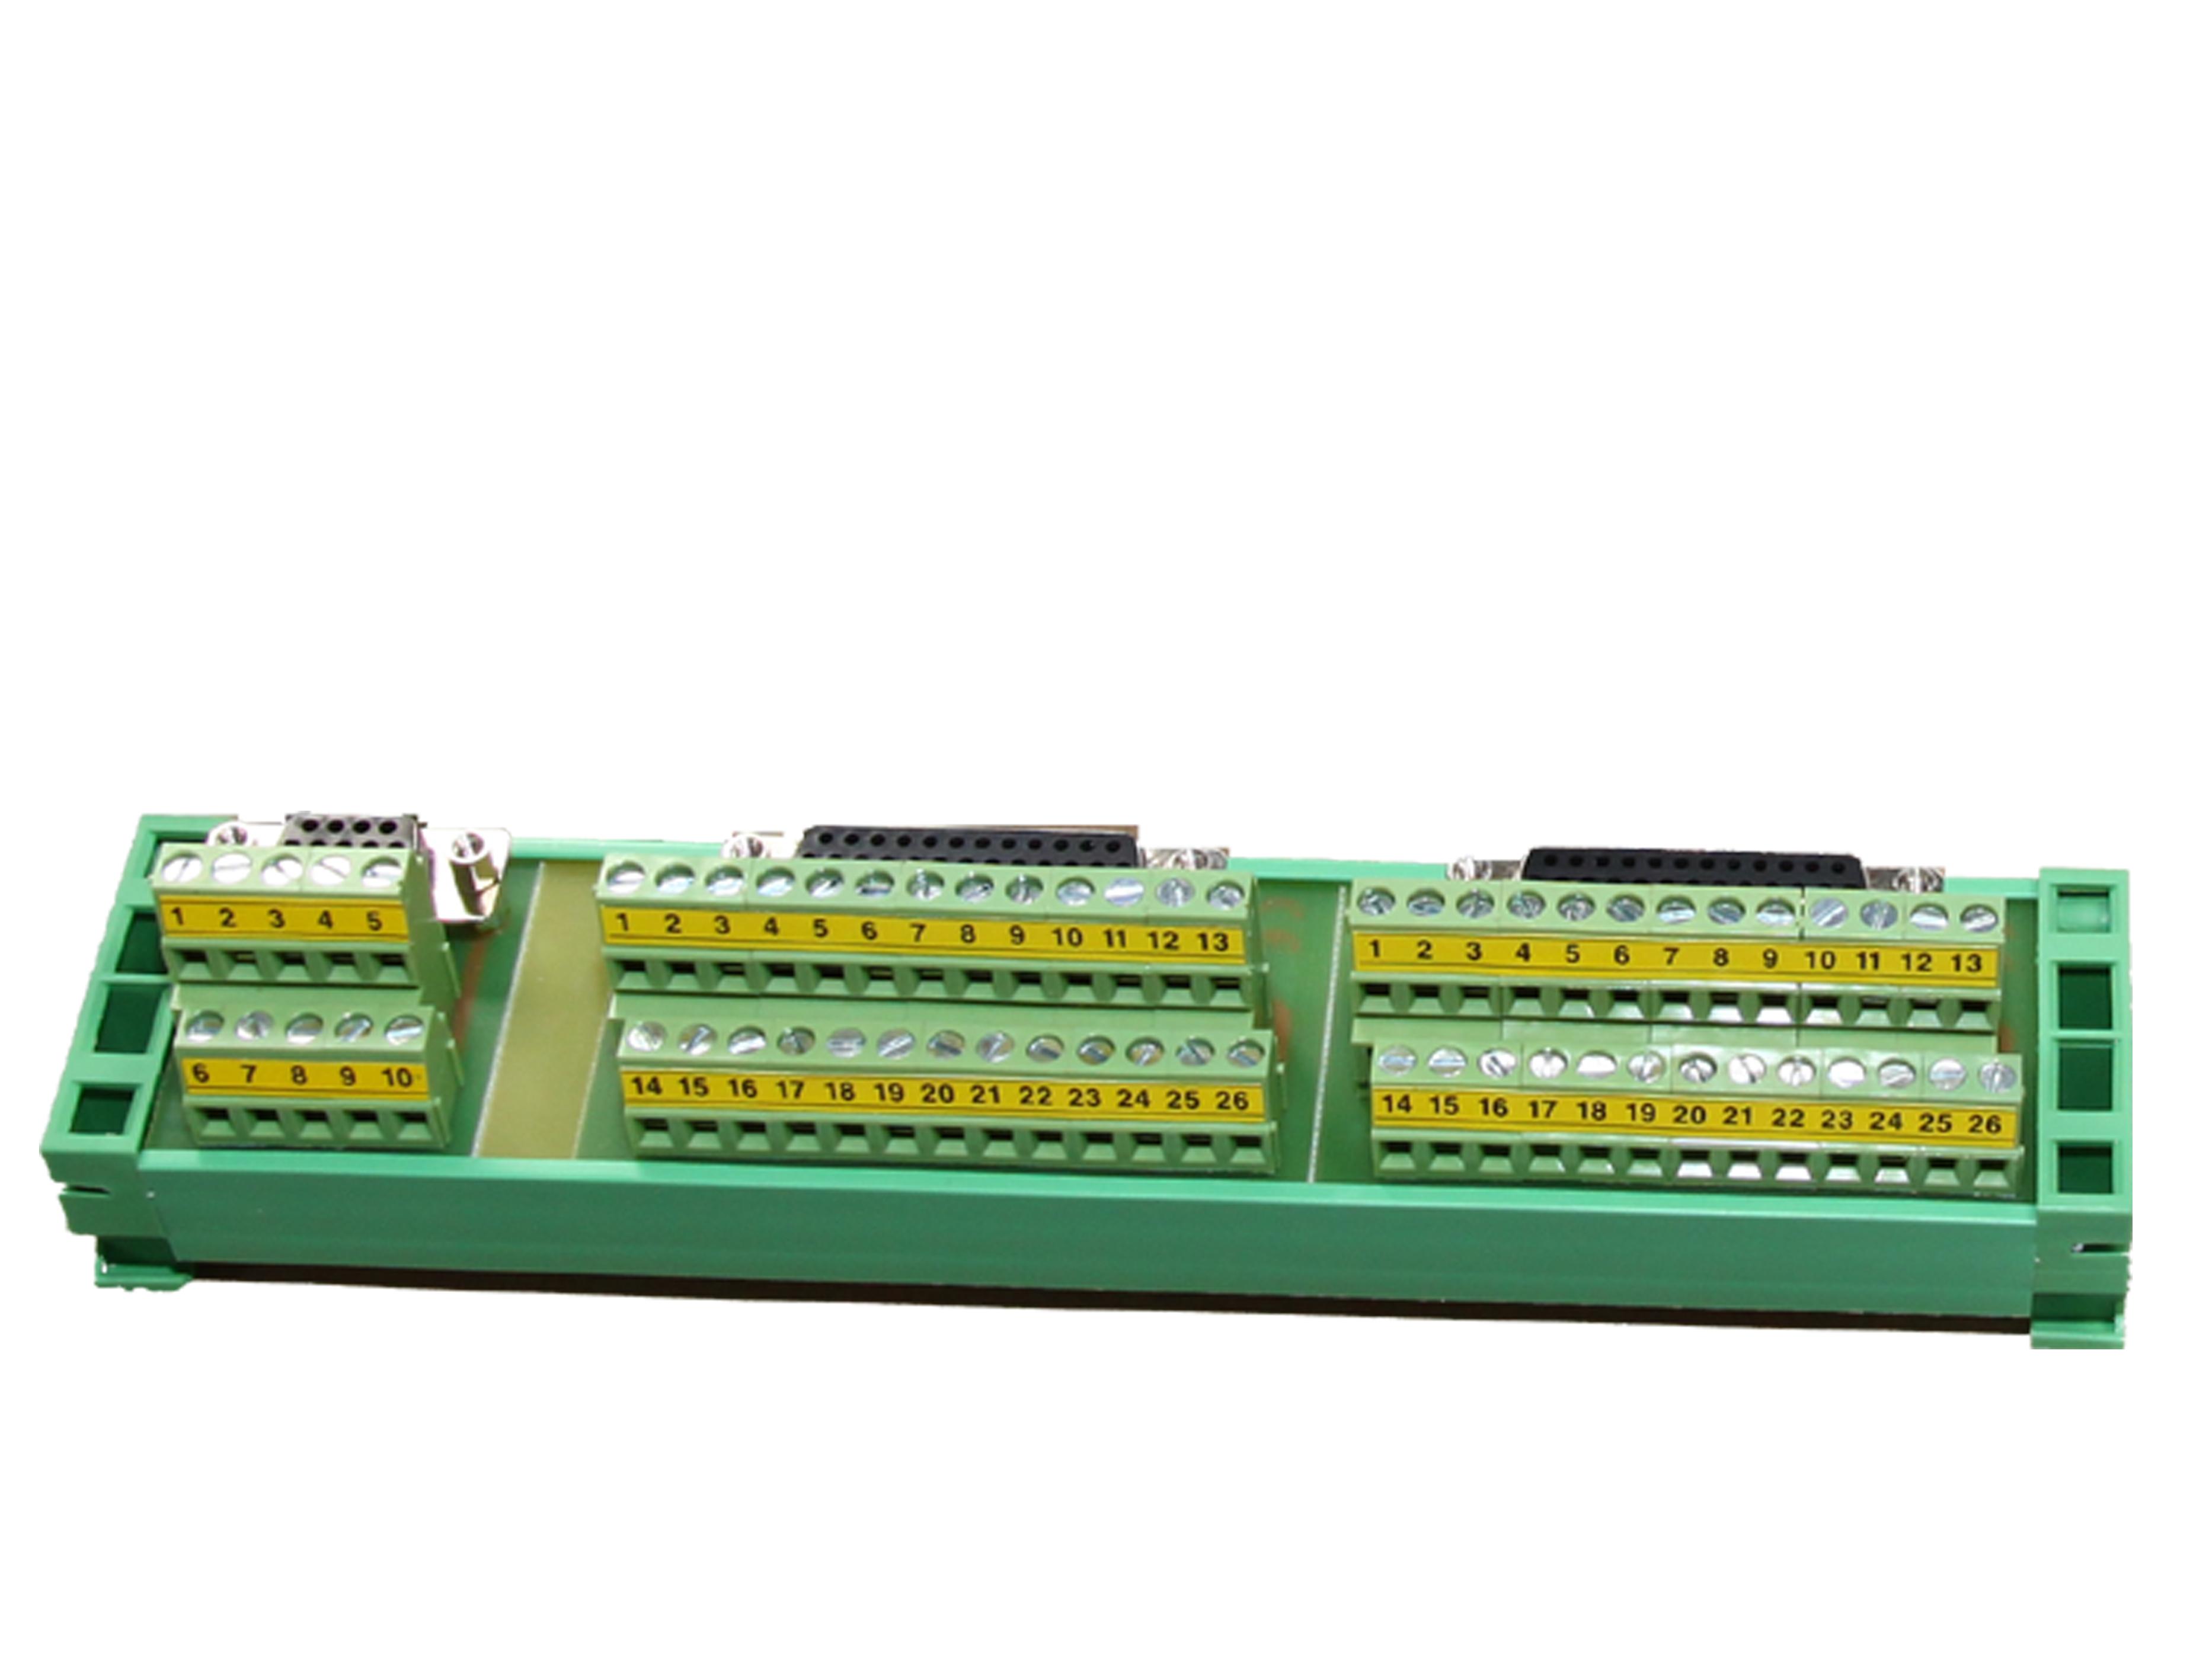 Listwa przyłączeniowa na szynę DIN – DB25+DB25+DB9 terminal block + taśmy przyłączeniowe